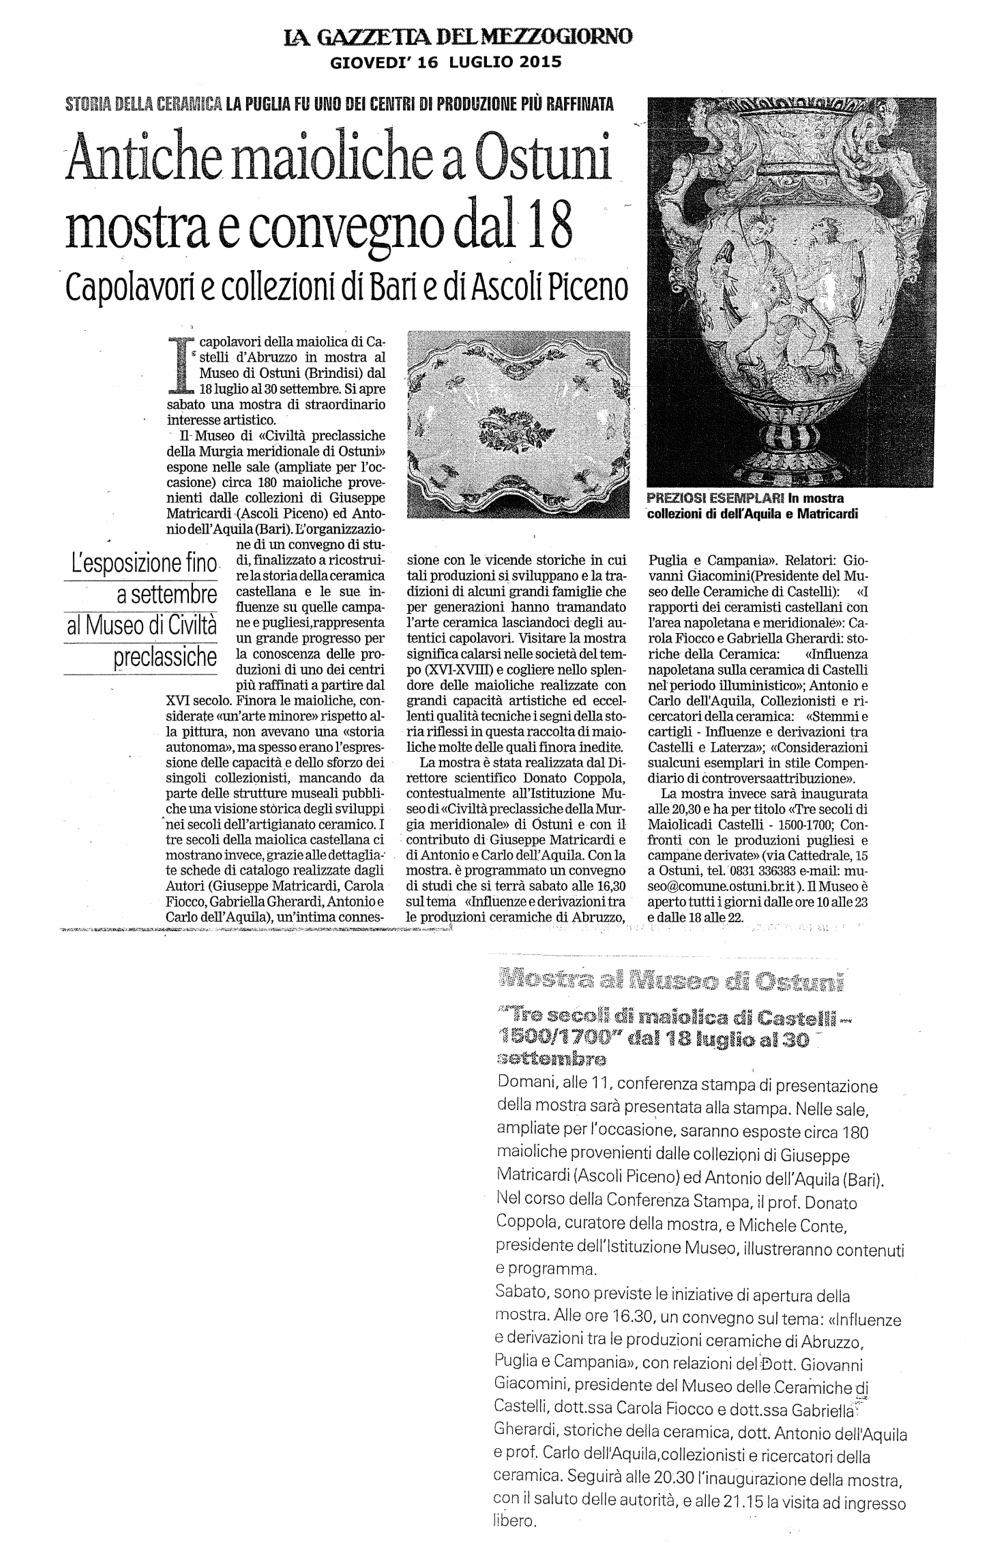 Antiche Maioliche ad Ostuni (La Gazzetta del Mezzogiorno)